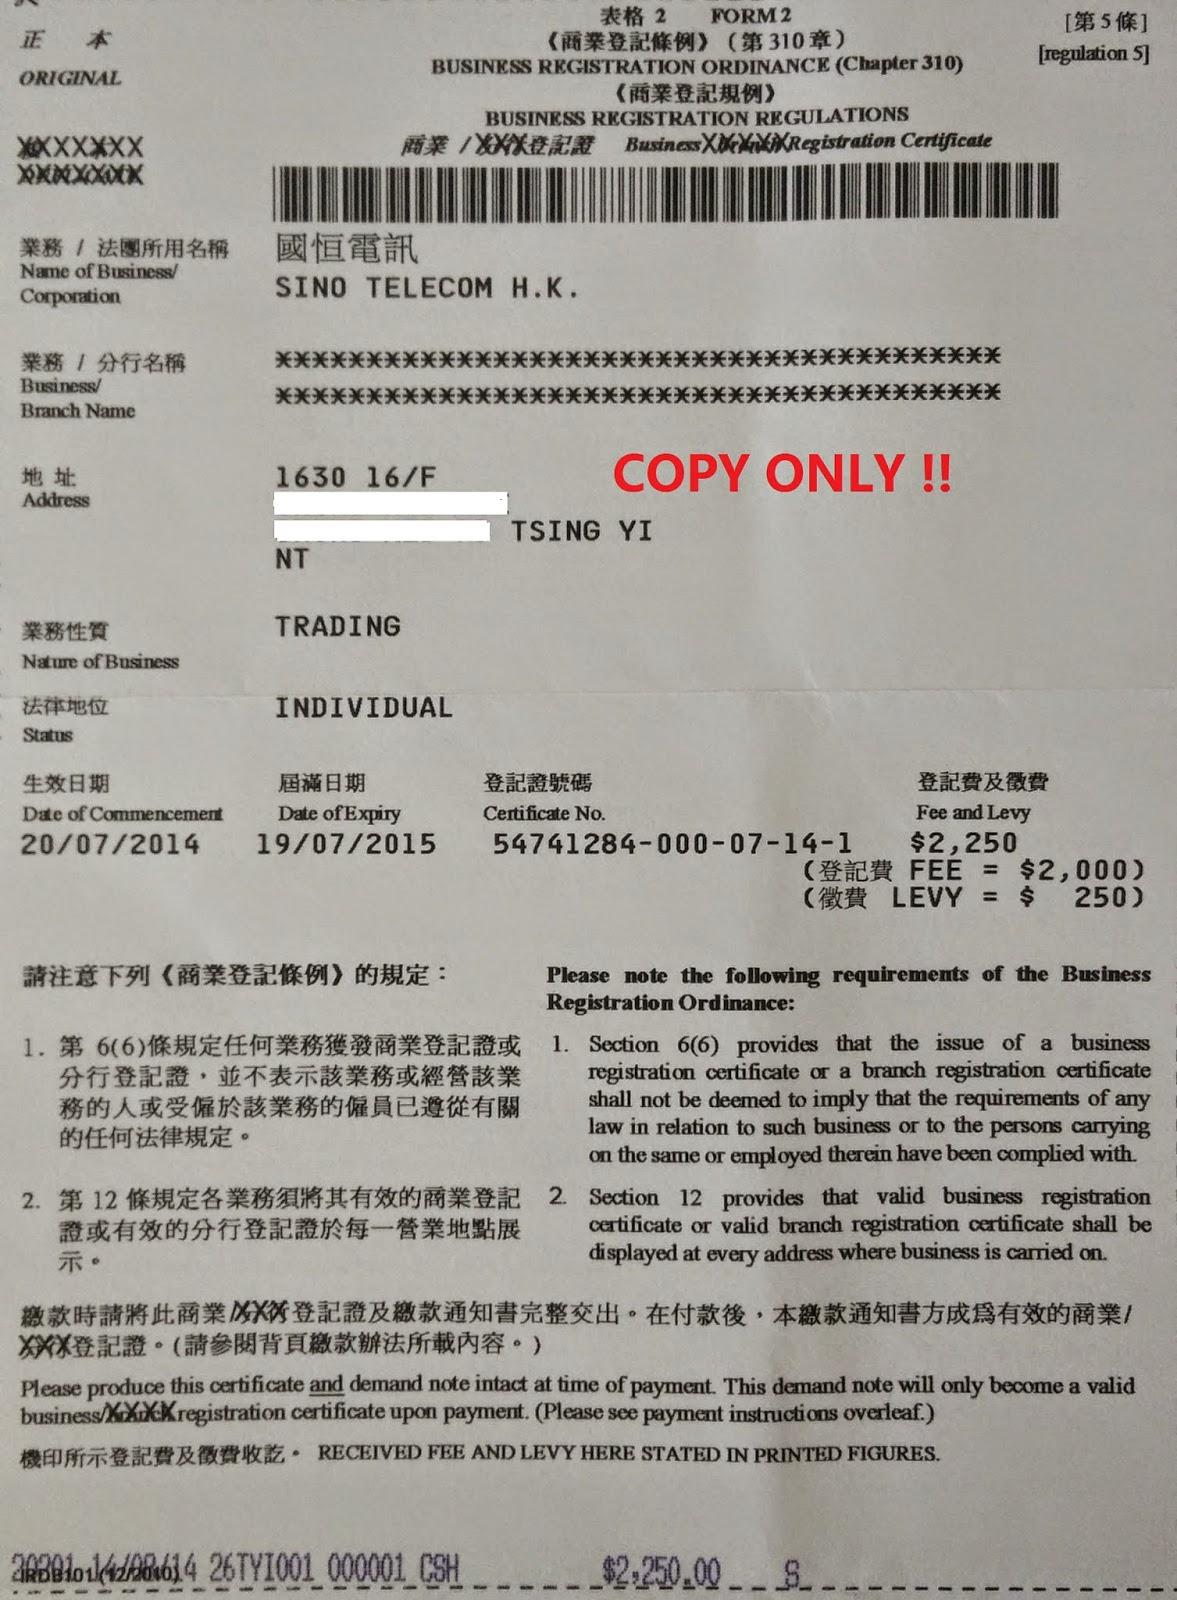 商業登記 | [組圖+影片] 的最新詳盡資料** (必看!!) - yes-news.com